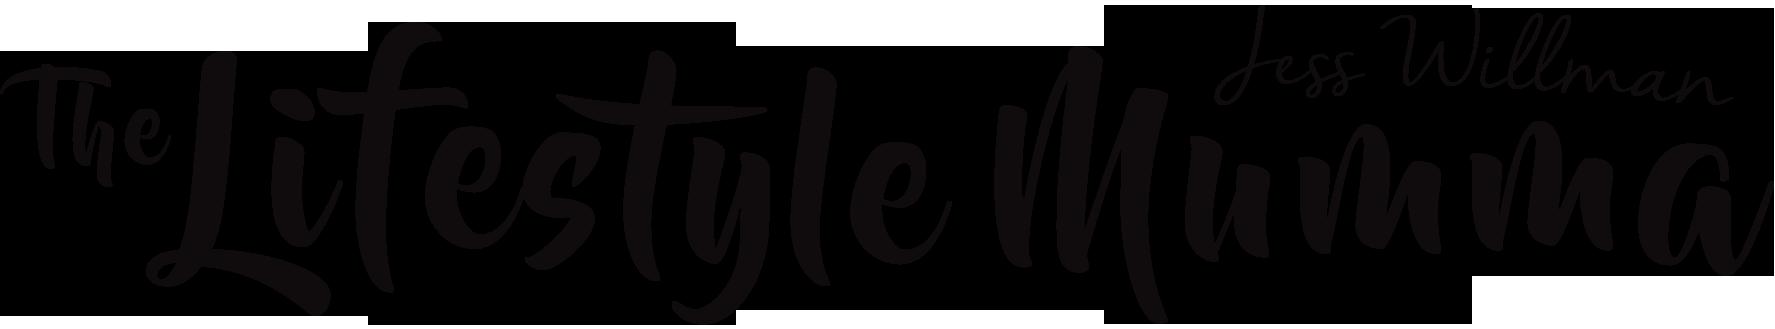 Jess Willman Logo